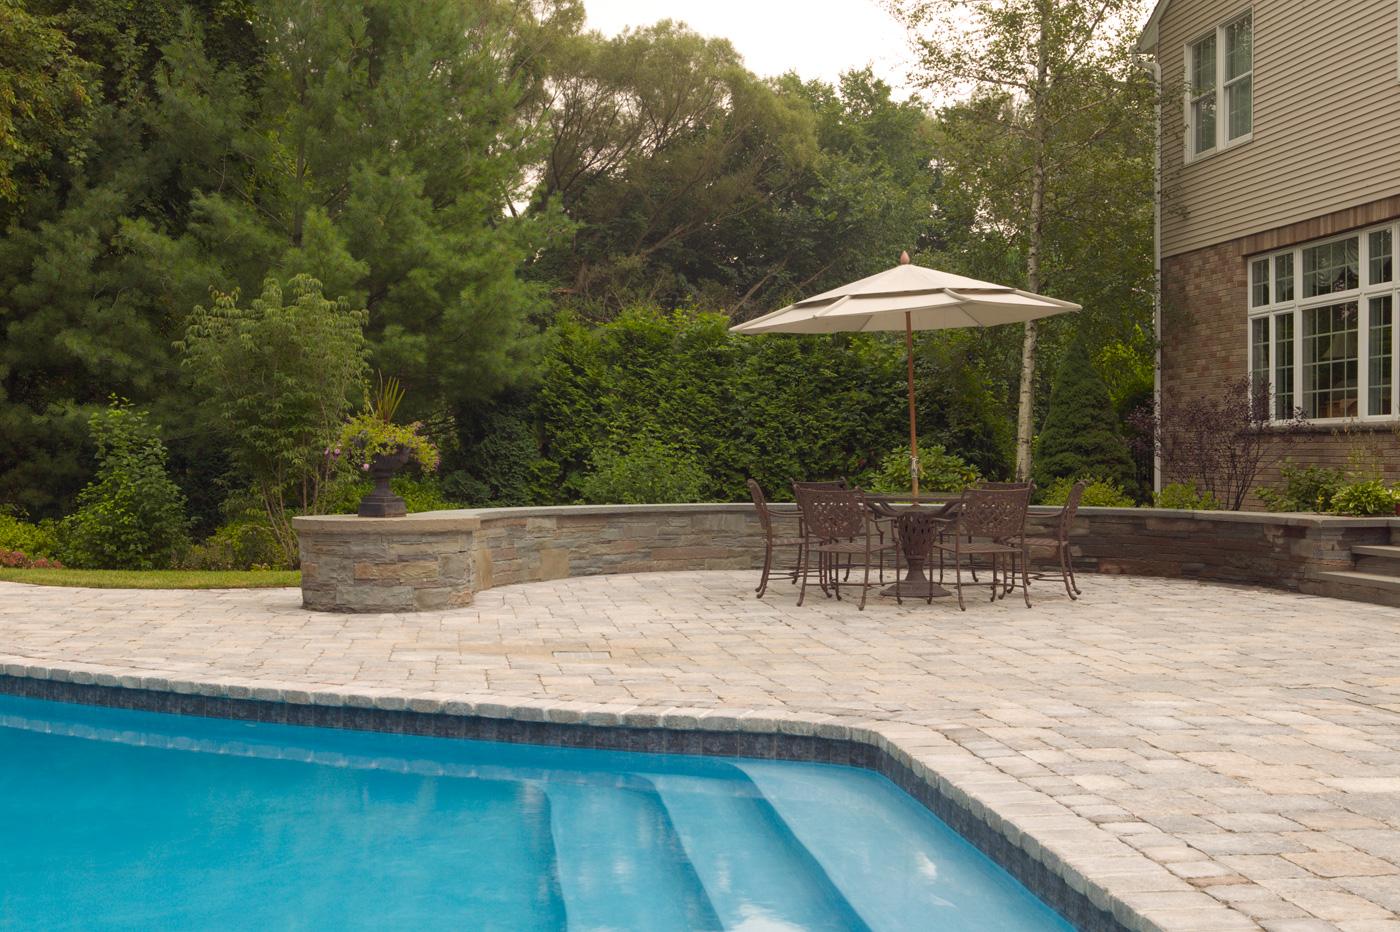 Paver Patio by Cording Landscape Design